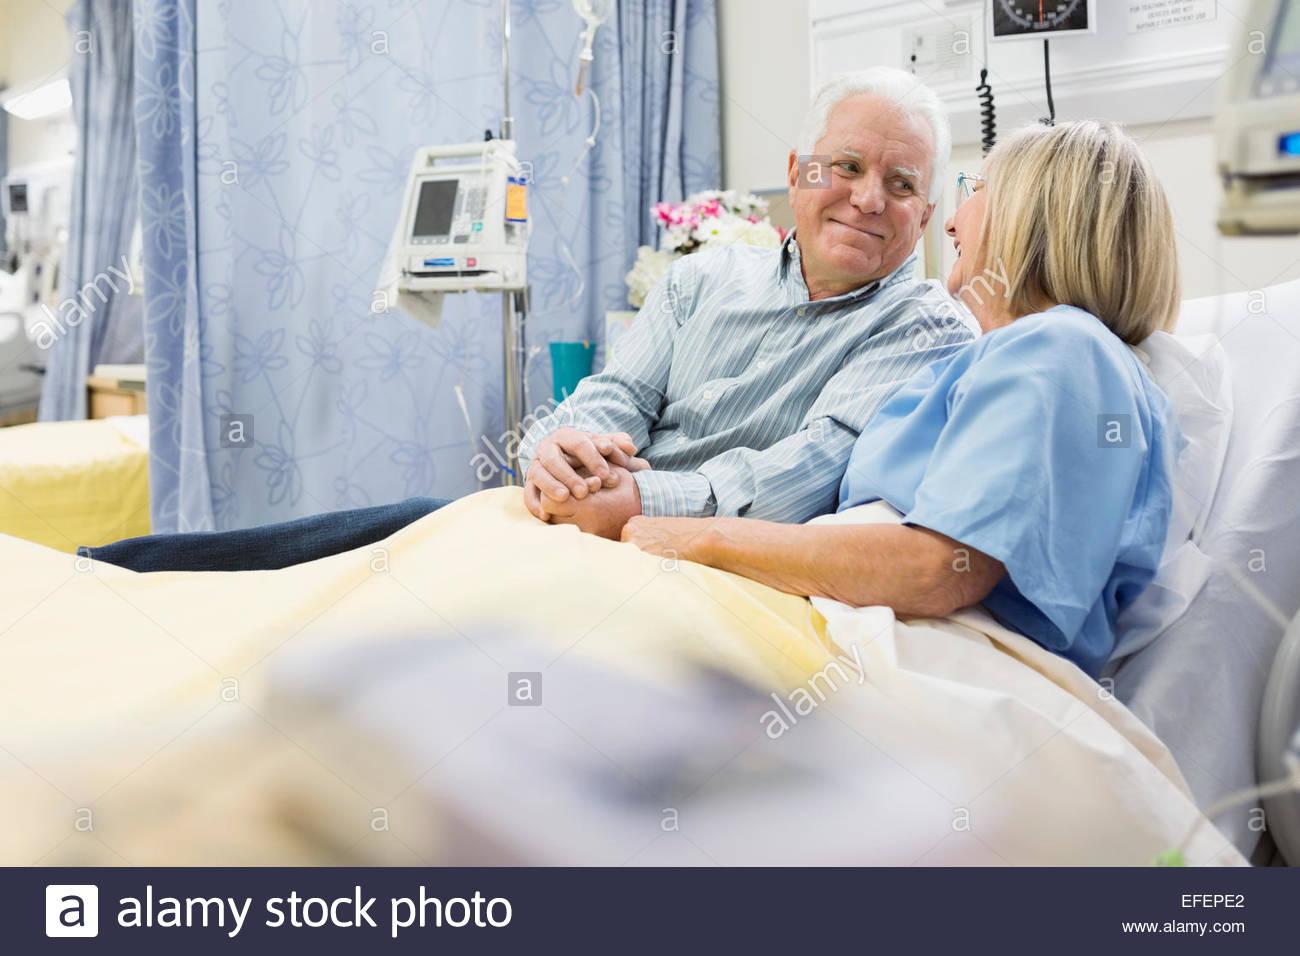 Mann und Frau, die Hand in Hand im Krankenhausbett Stockbild